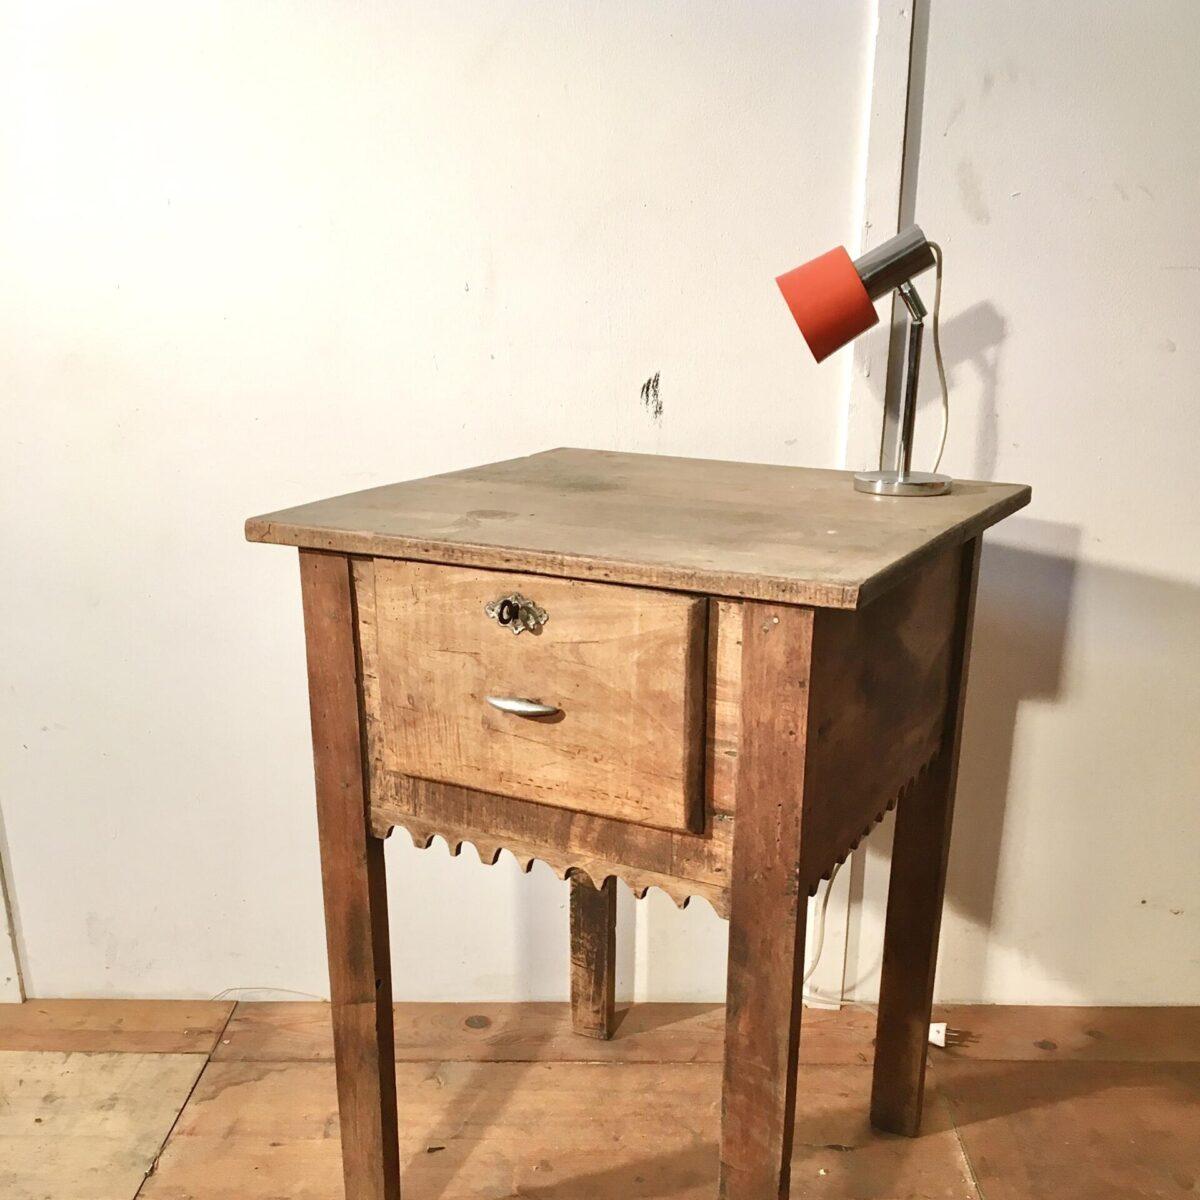 Kleiner Sekretär, Apero tisch, Beistelltisch, Blumen tisch mit Schublade. 60mal60cm höhe 82cm. Nussbaum Massivholz die Schublade ist abschliessbar, griff Aluminium Guss.